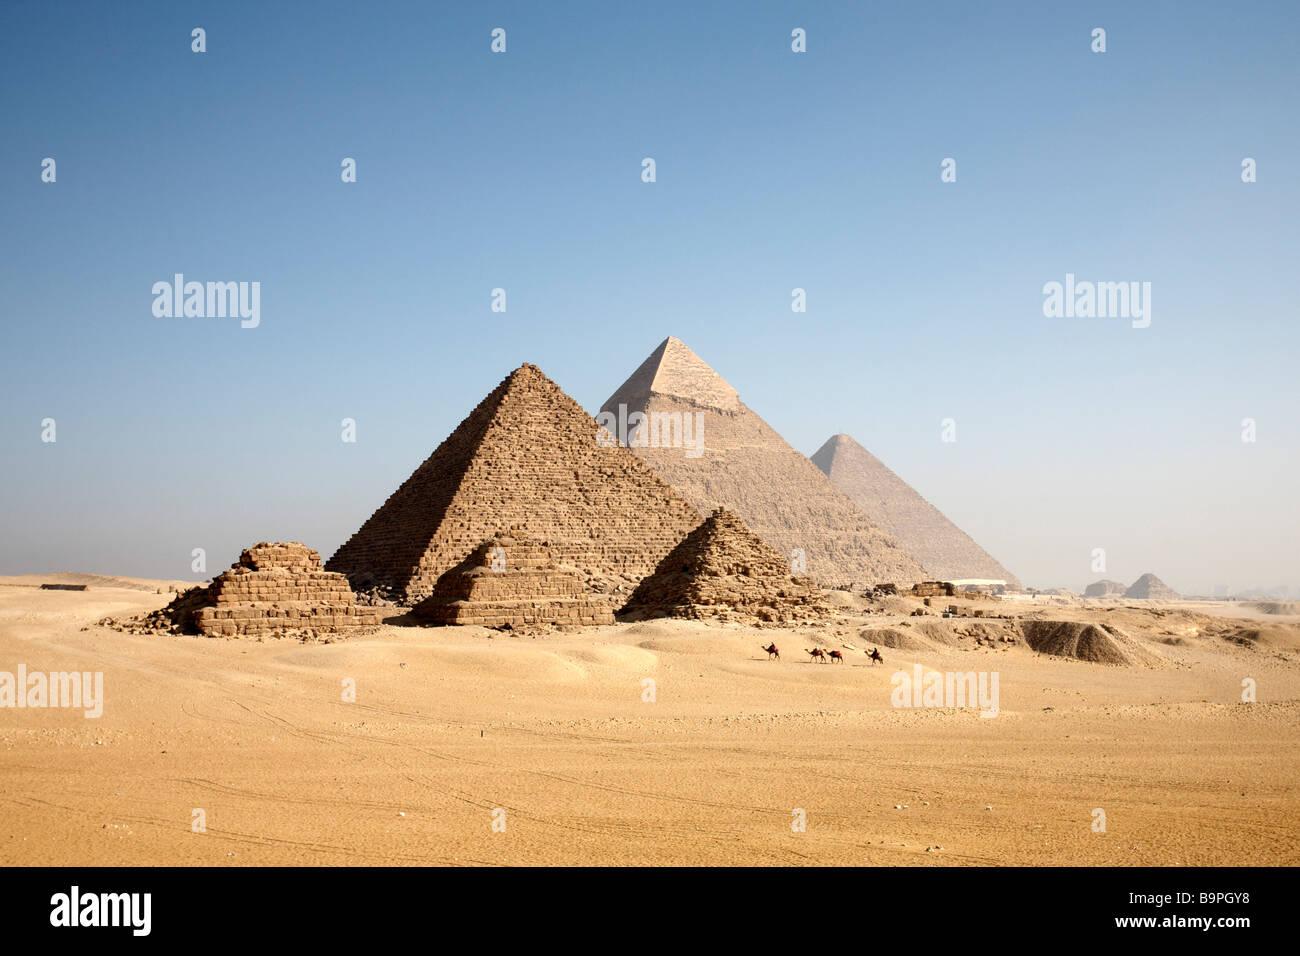 Approccio cammelli le piramidi di Giza. Immagini Stock